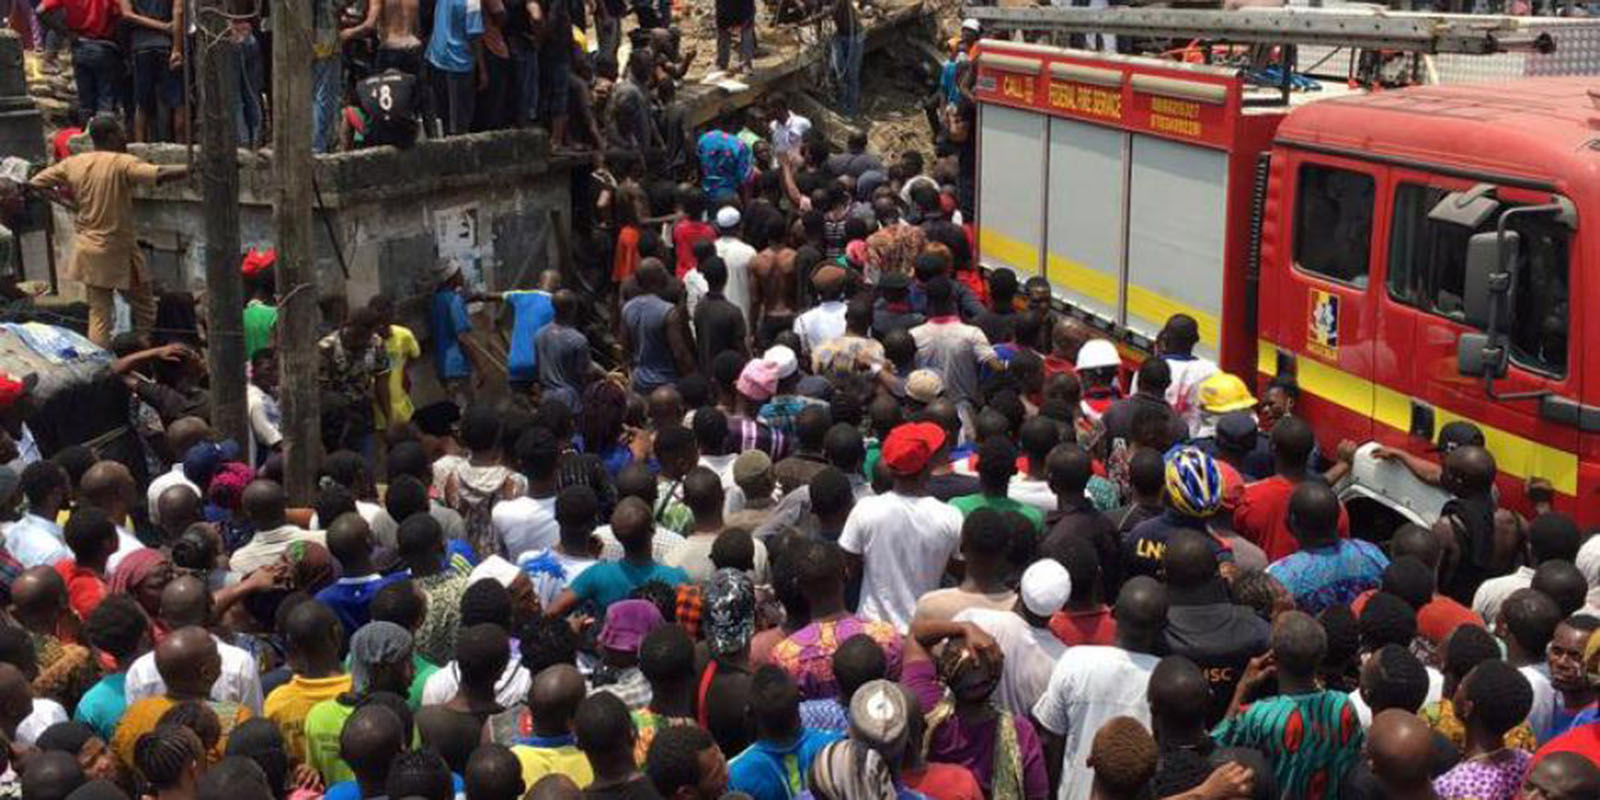 Al menos 12 muertos, la mayoría niños, en Nigeria